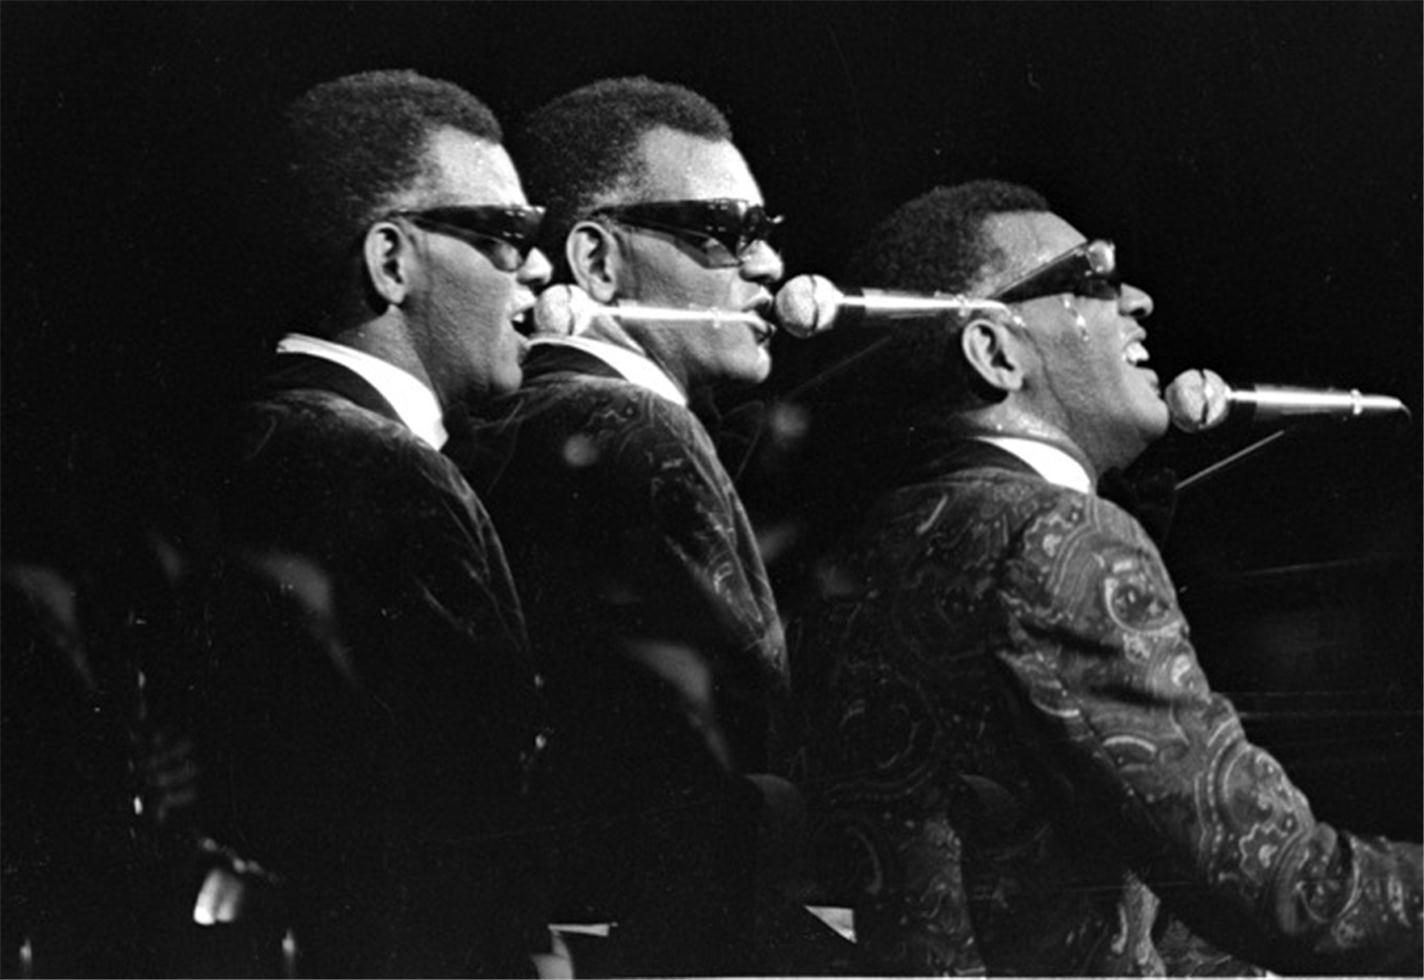 1969. Рэй Чарльз